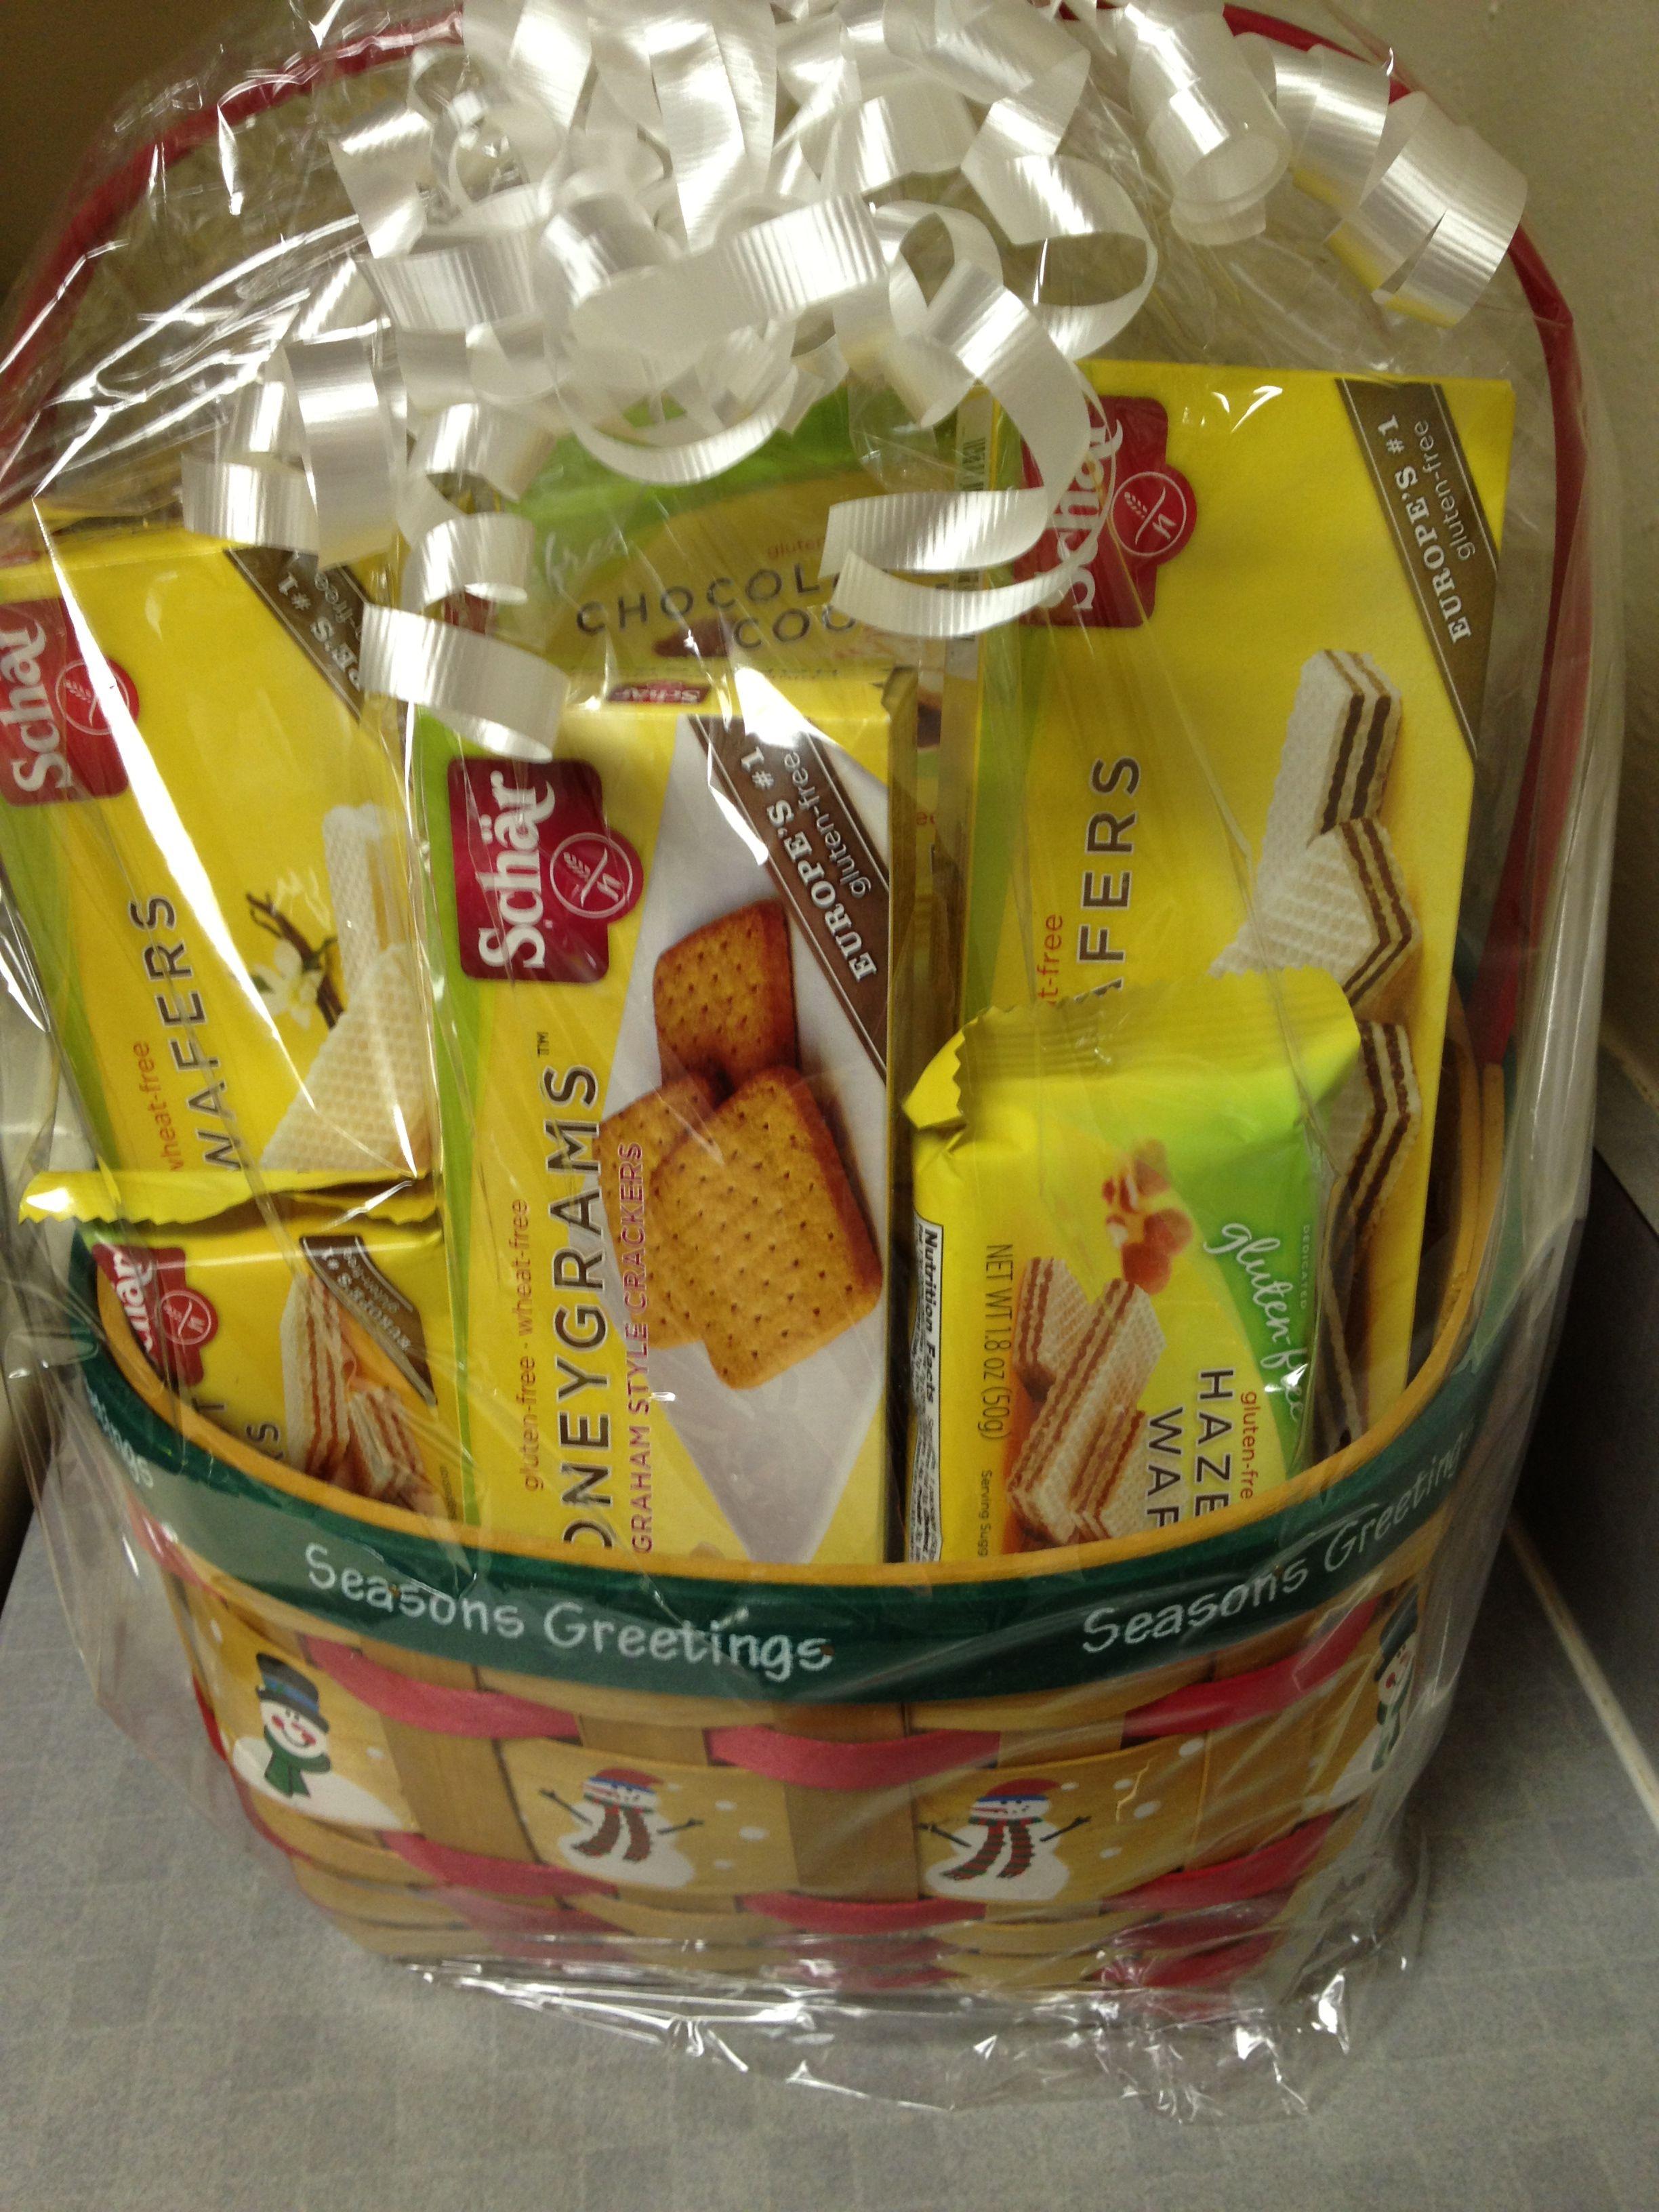 Gift basket from schar httpscharus shar gluten free gift basket from schar httpscharus negle Gallery